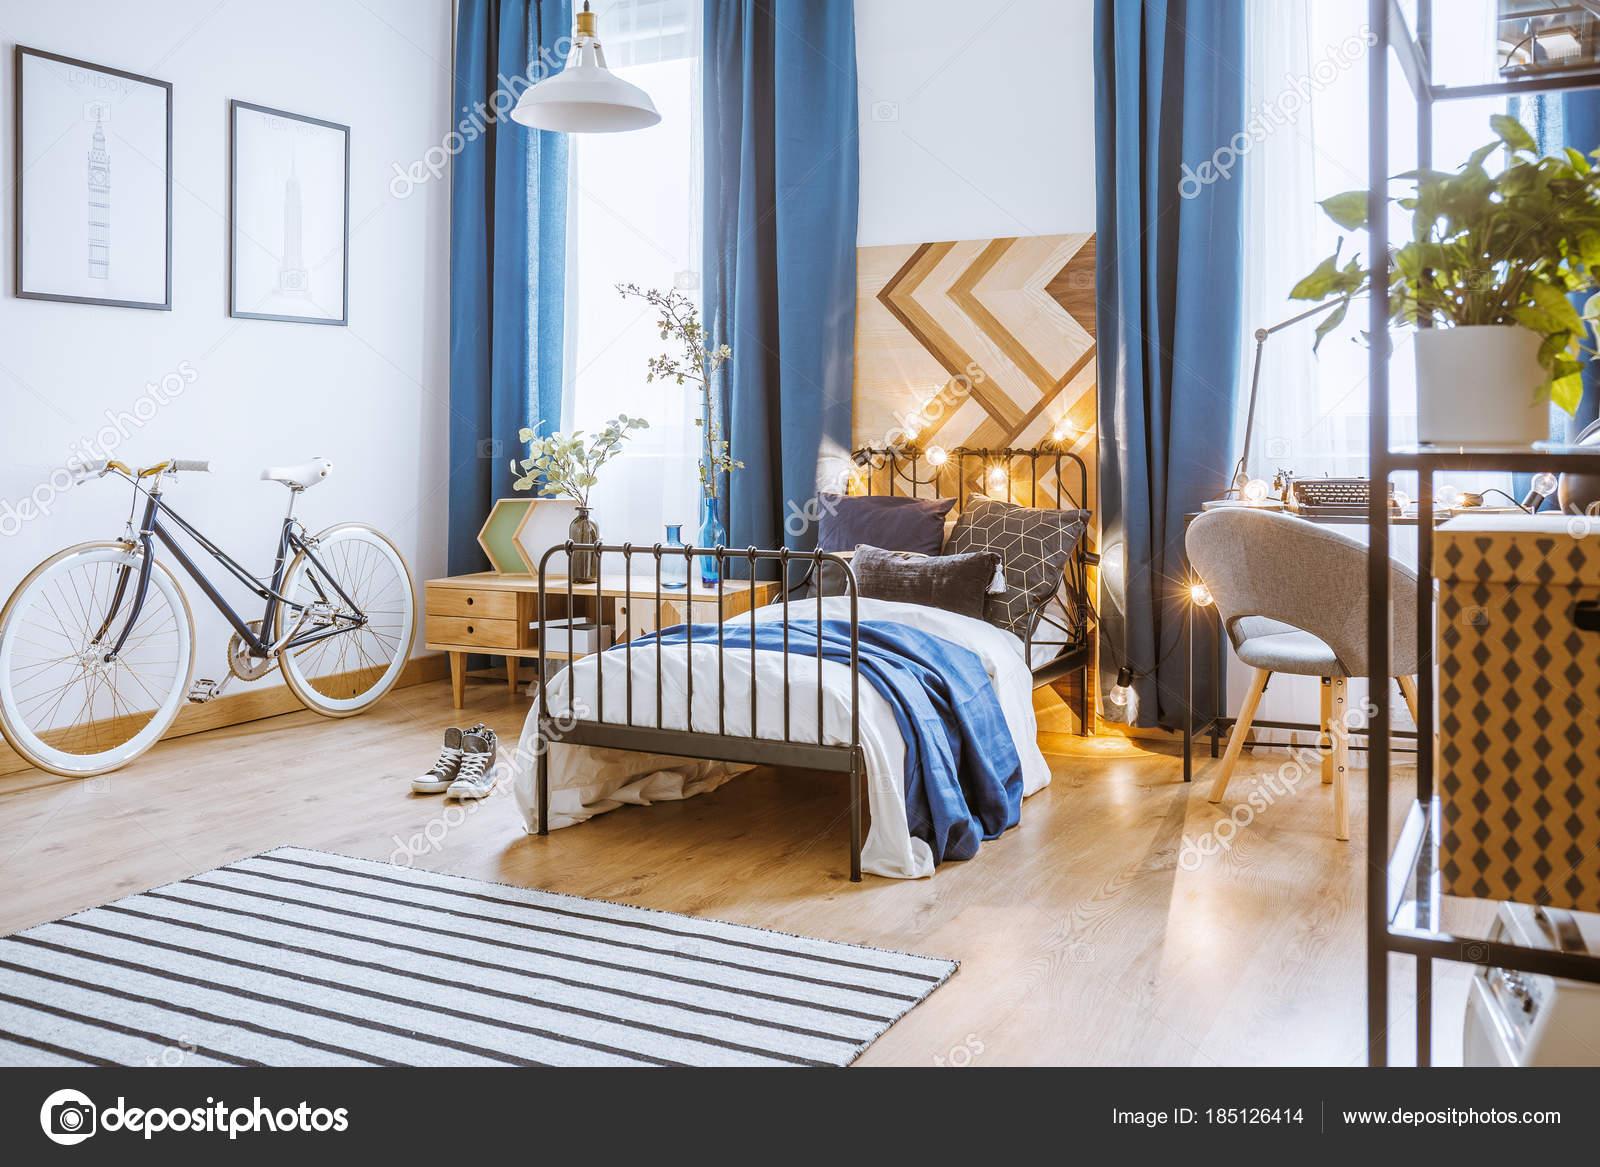 Cortinas azul en dormitorio acogedor — Foto de stock © photographee ...